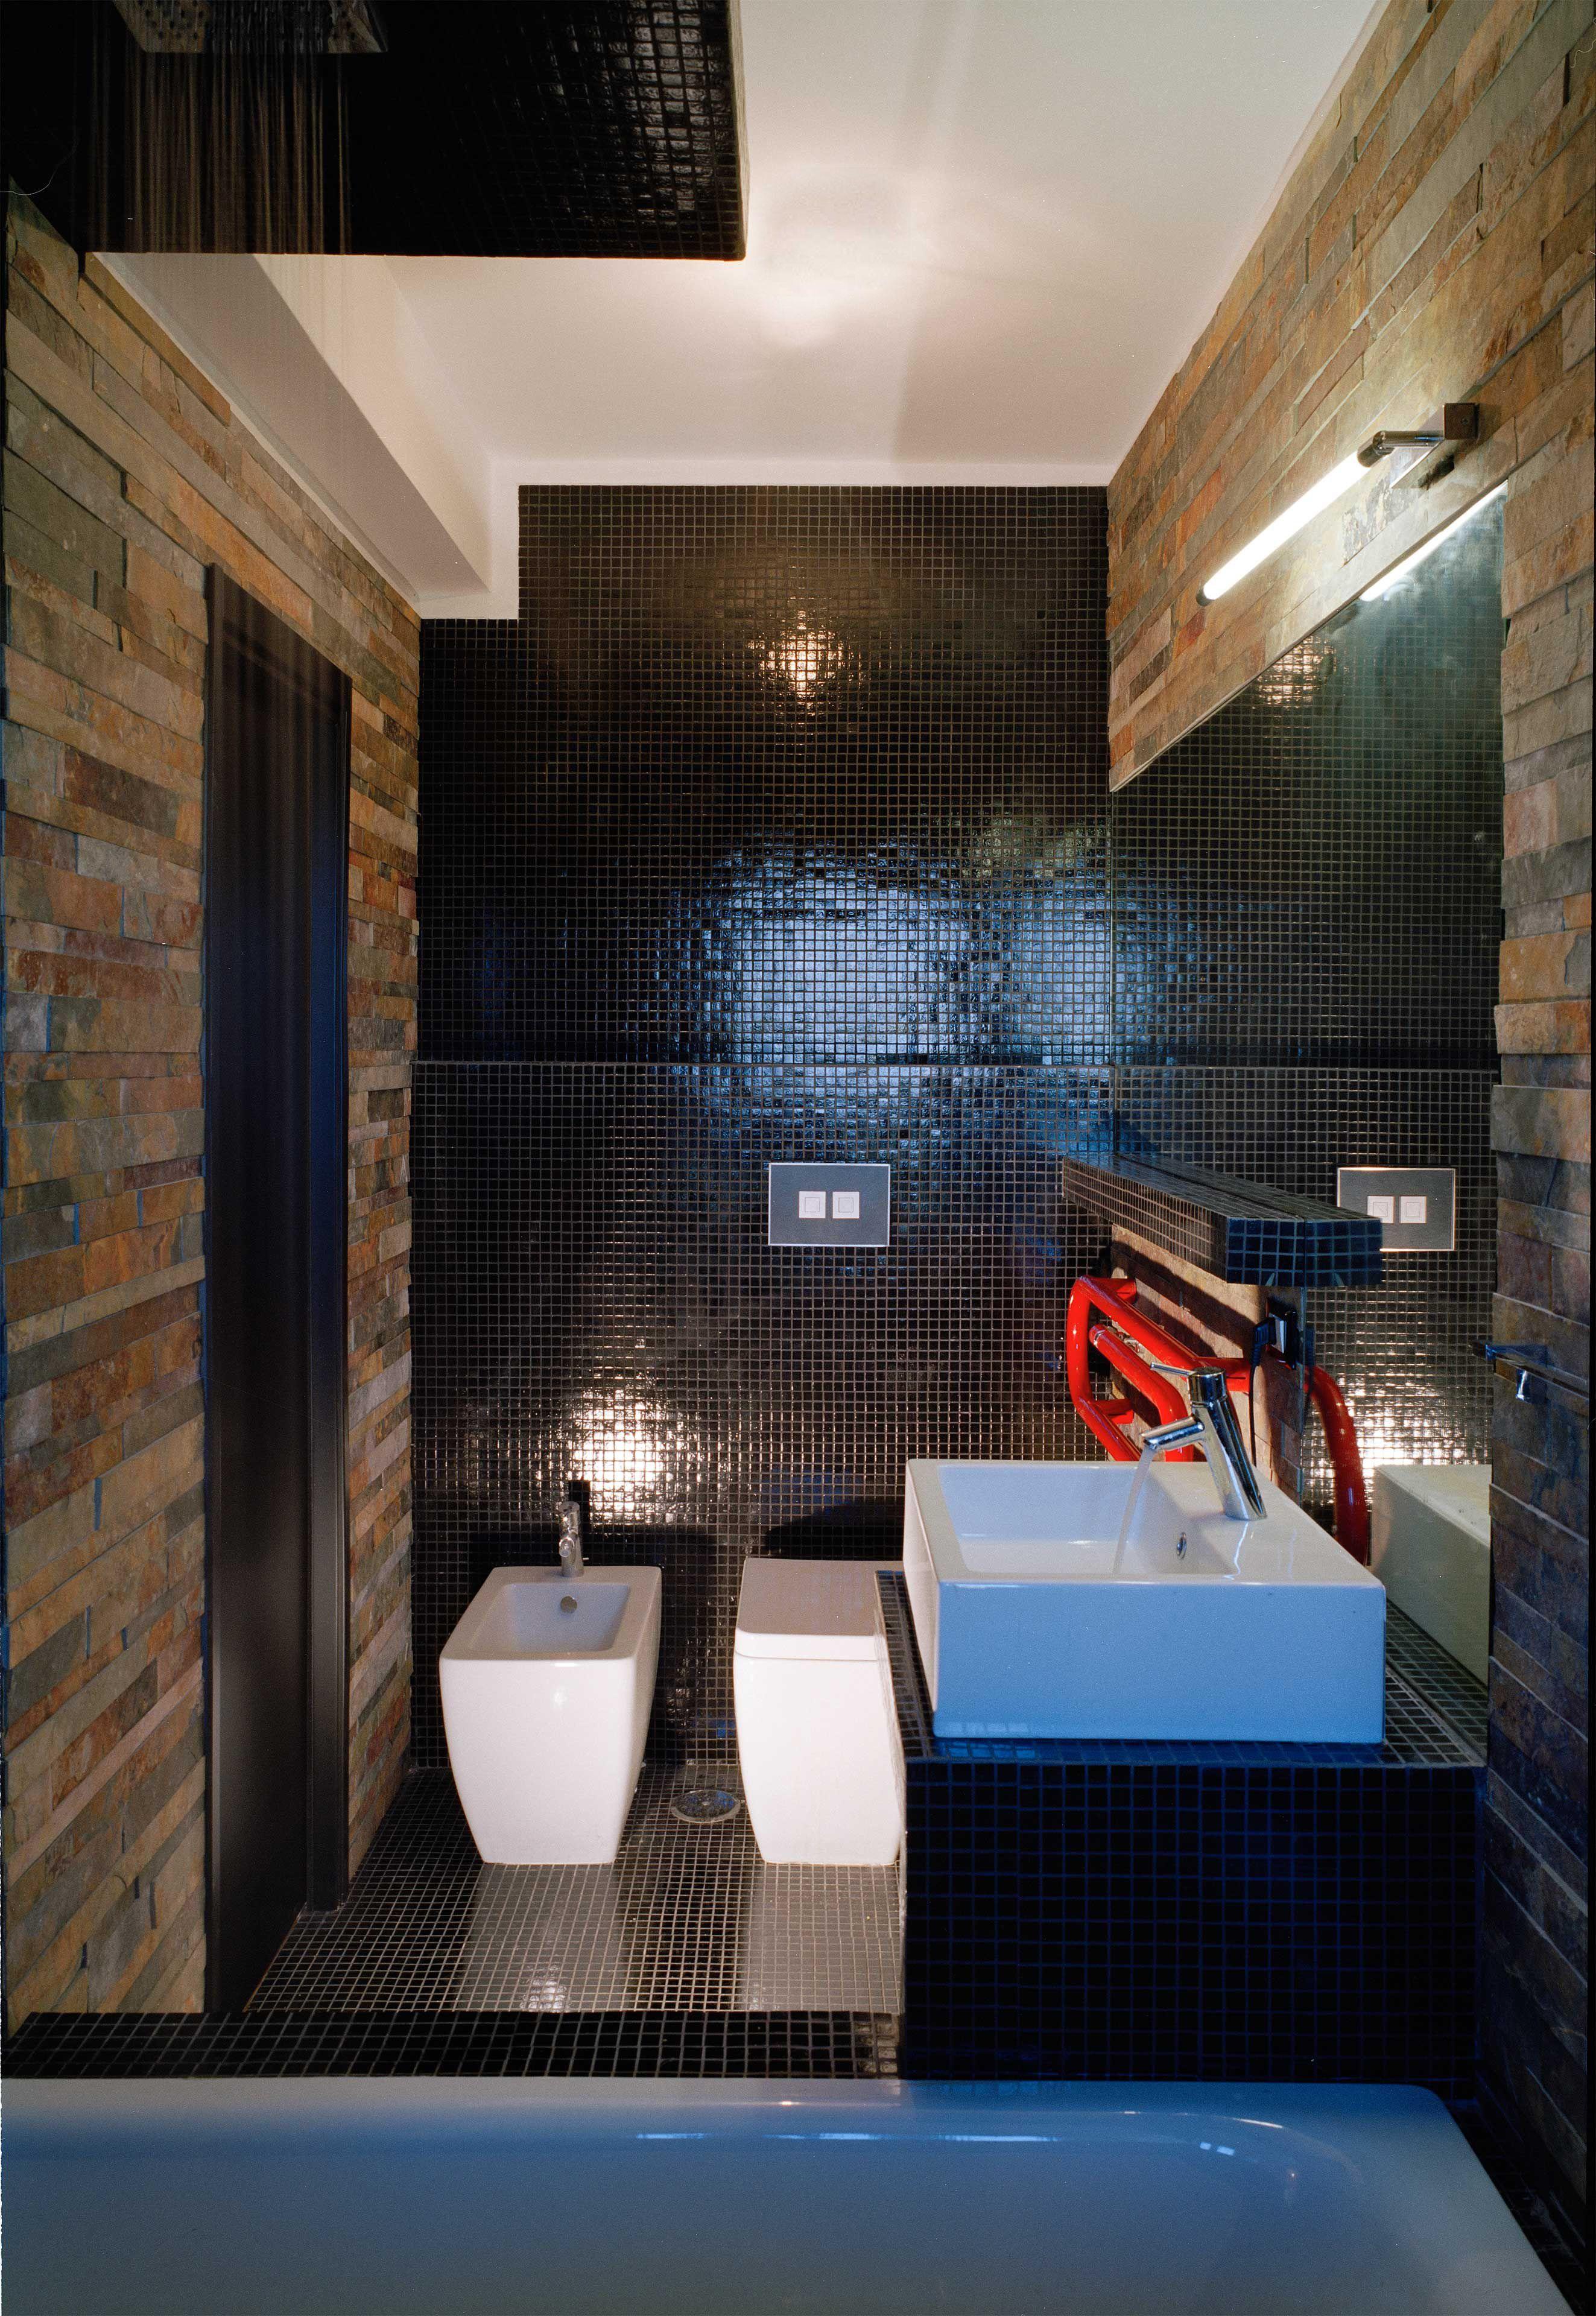 Piastrelle Bagno Nere Lucide.Rivestimenti Bagno Mosaico Nero E Mattoncini In Pietra Illuminazione Appartamento Interior Design Design